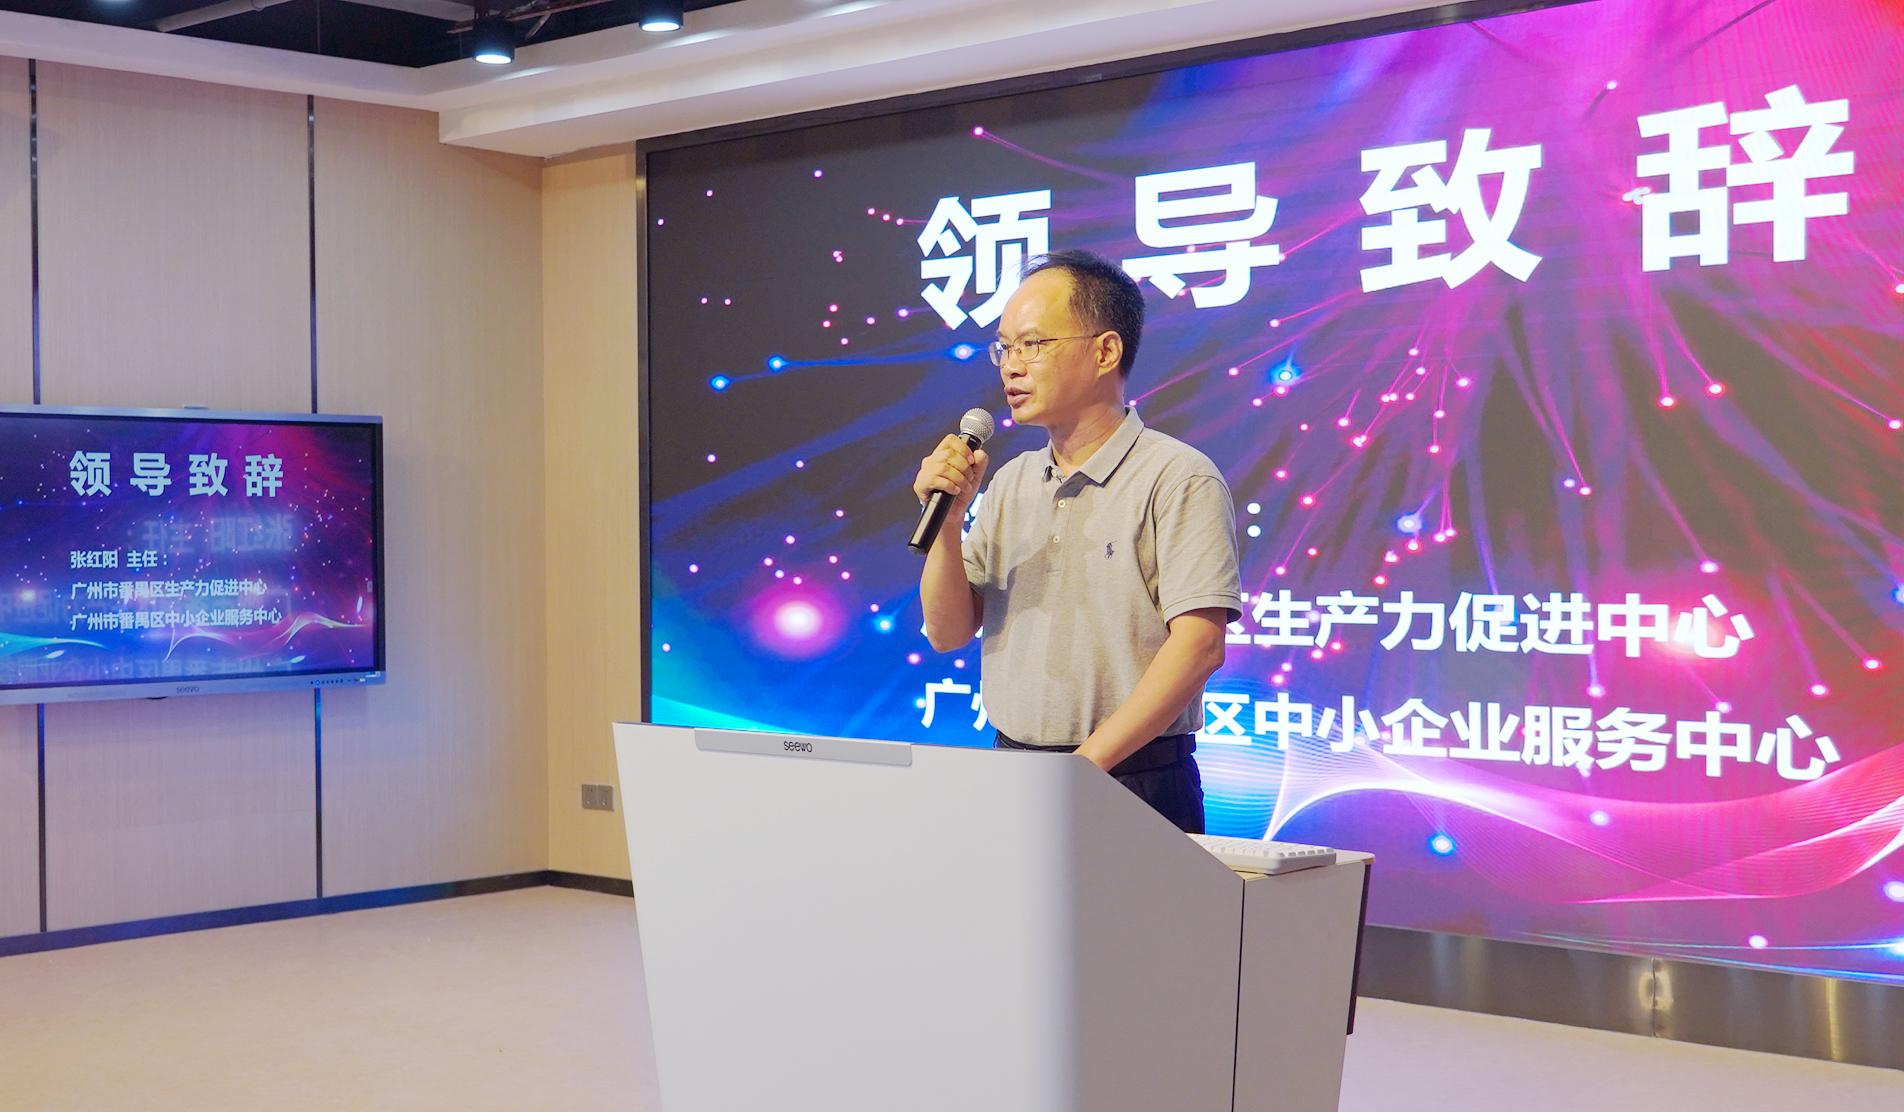 13 广州市番禺区生产力促进中心、广州市番禺区中小企业服务中心主任张红阳.jpg